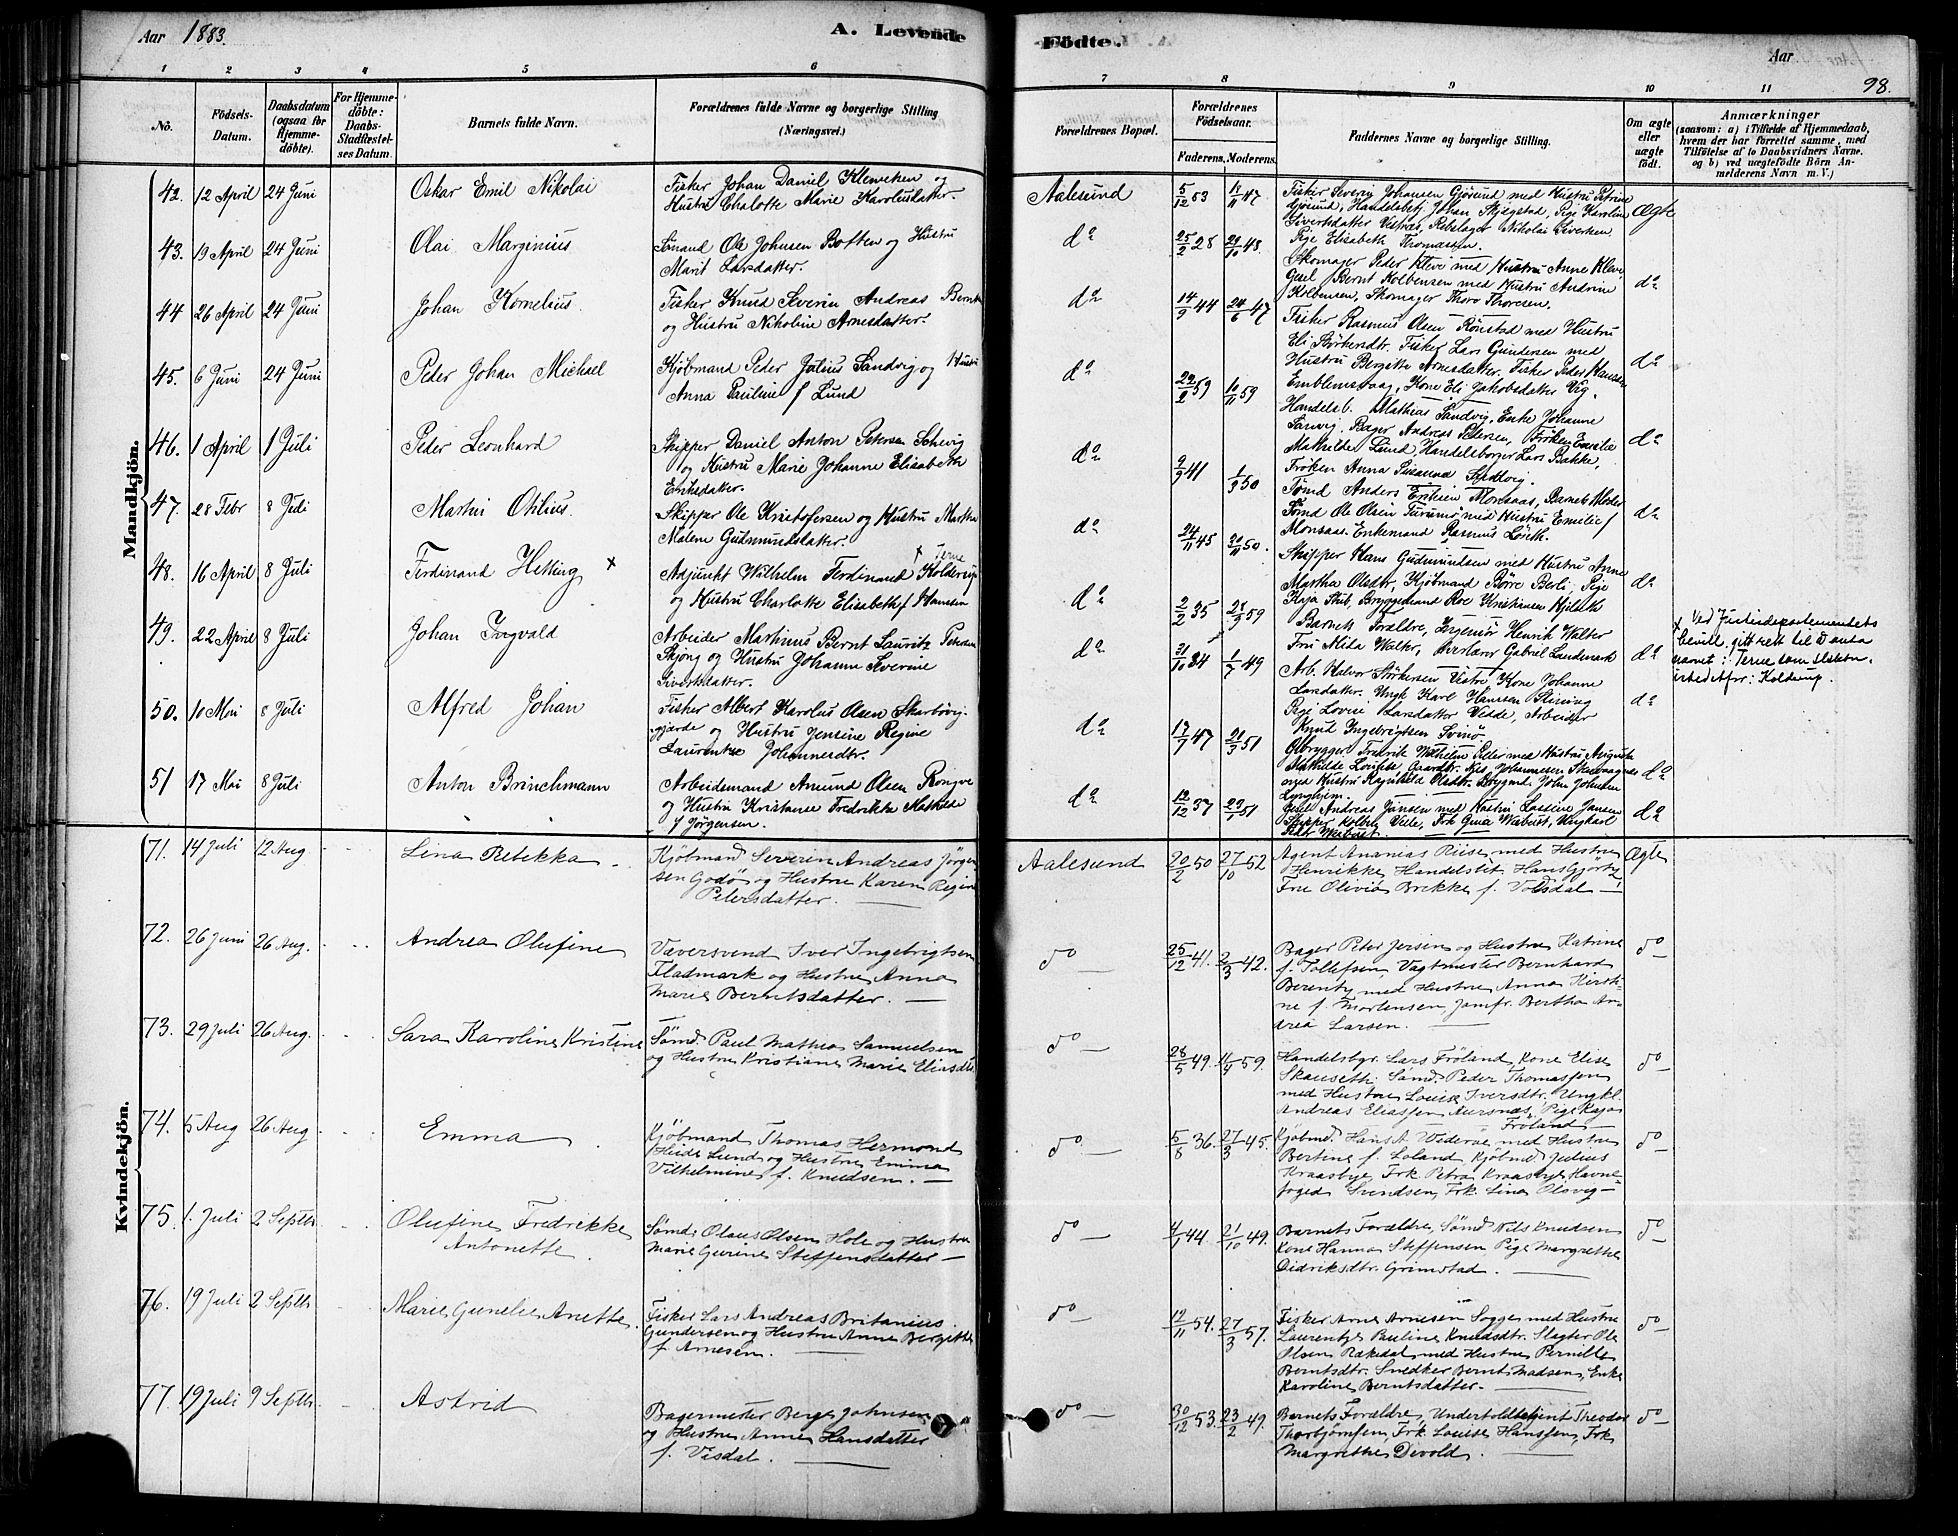 SAT, Ministerialprotokoller, klokkerbøker og fødselsregistre - Møre og Romsdal, 529/L0454: Ministerialbok nr. 529A04, 1878-1885, s. 98